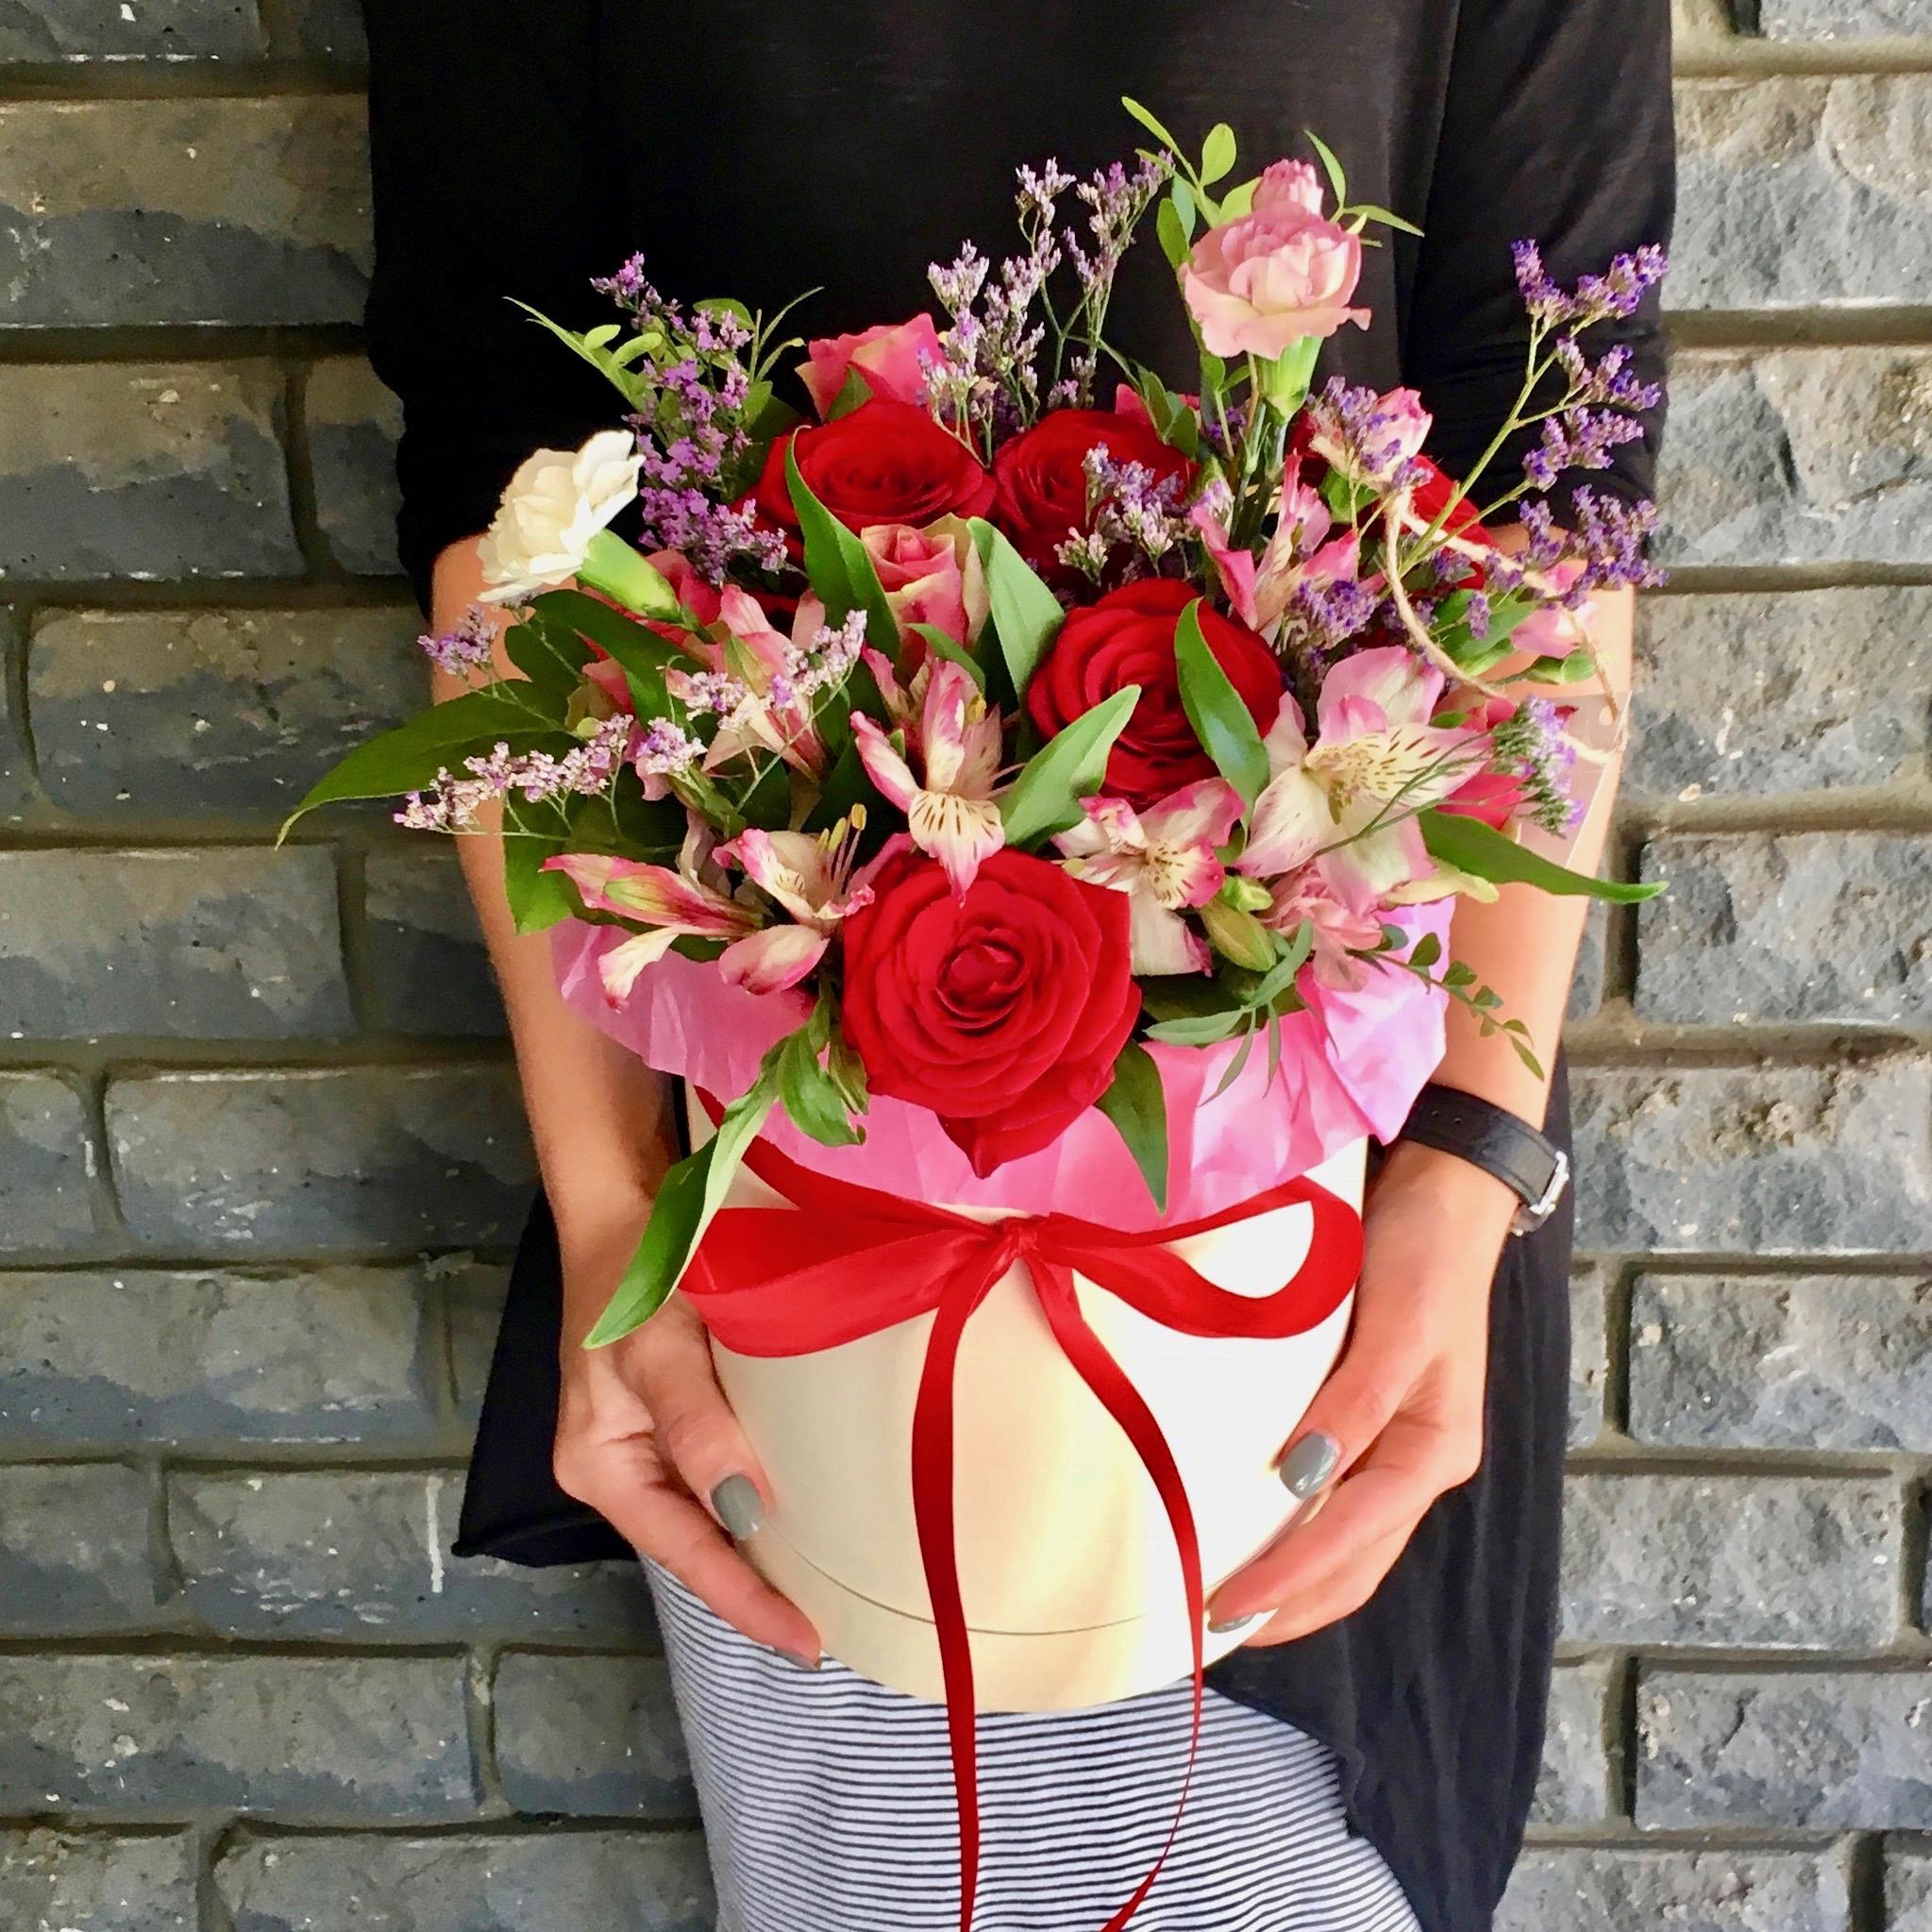 Доставка цветов в казань по россии отзывы, букеты